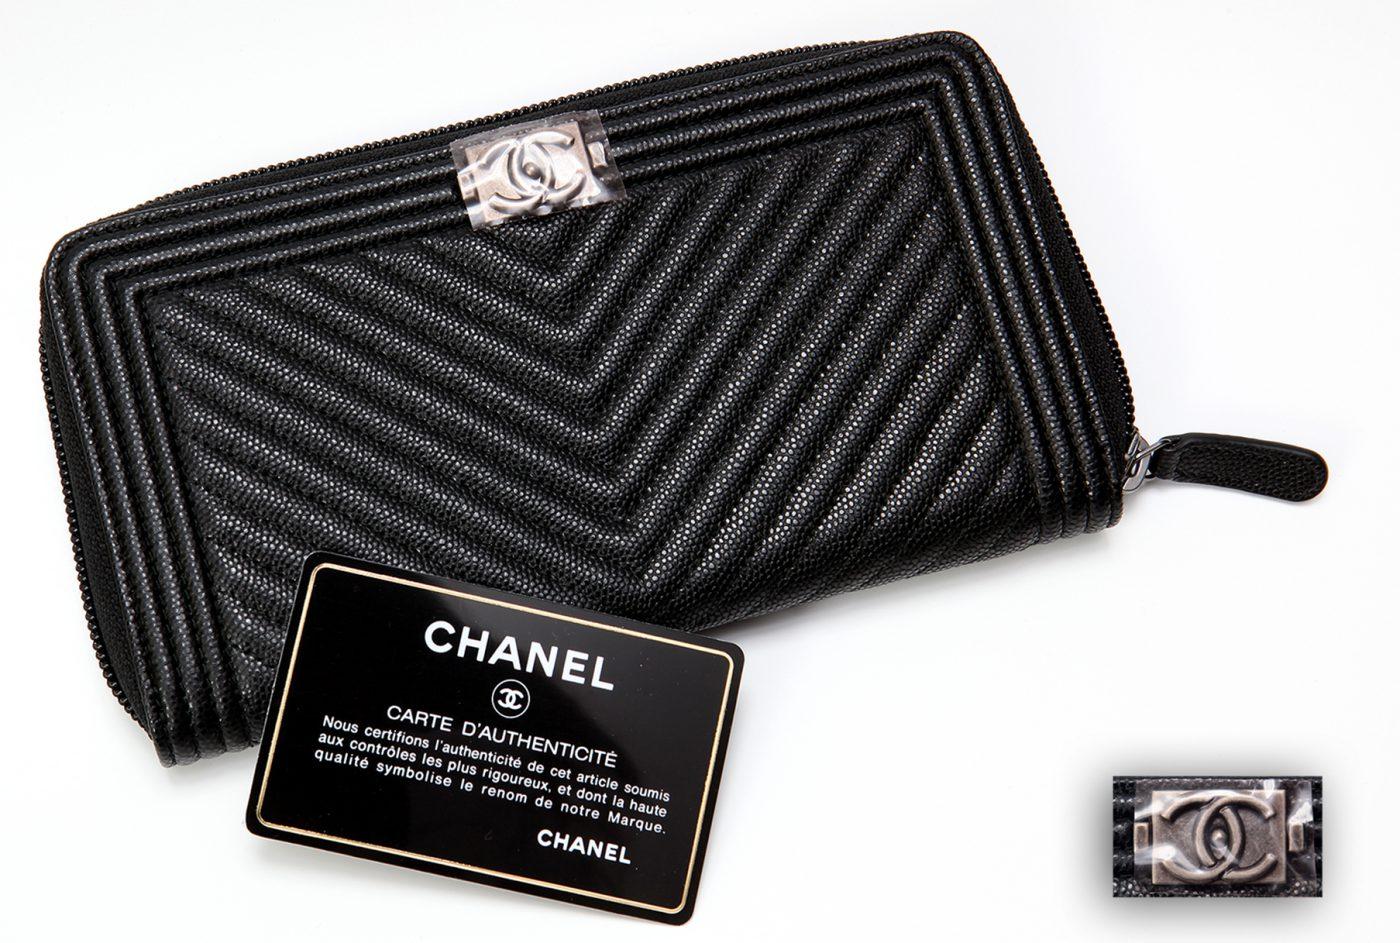 3b295f28a29a シャネル CHANEL レディース ココマーク チェーンウォレット キャビア 長財布 ブラック シルバー 小物 新品 正規品  A80815Y2556645002